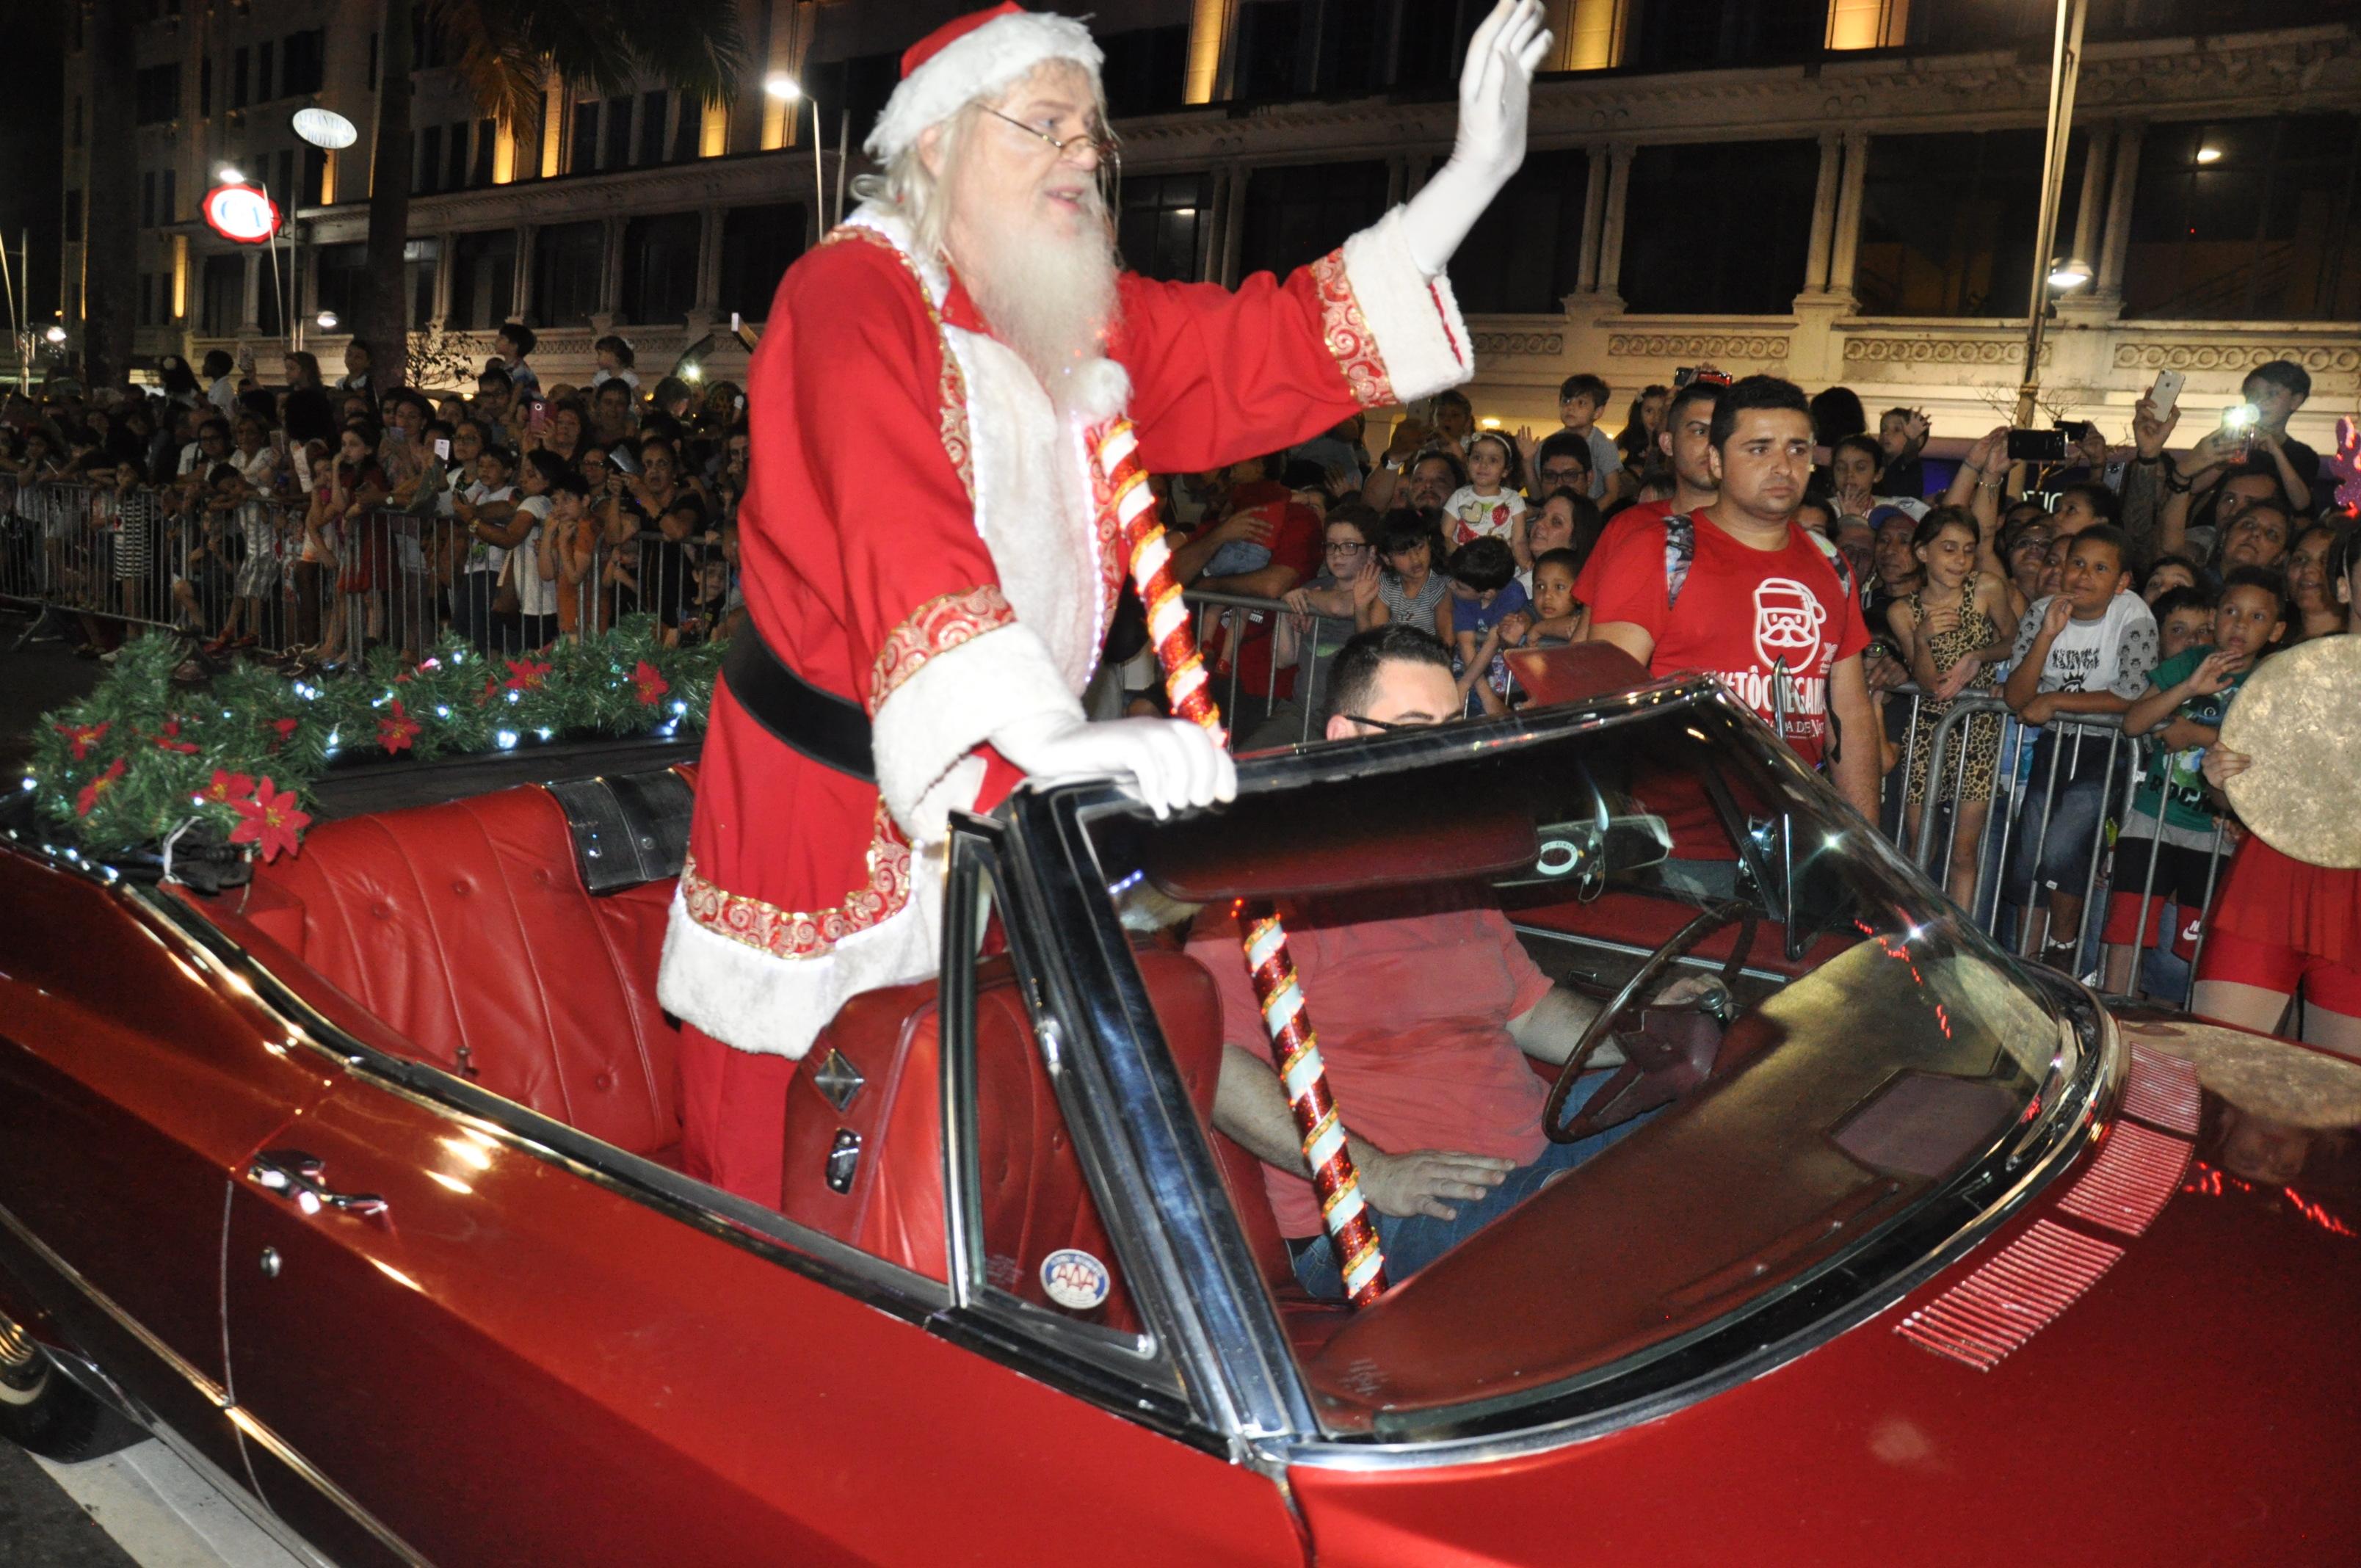 8ª Parada De Natal Terá Personagens, Shows E A Chegada Do Papai Noel